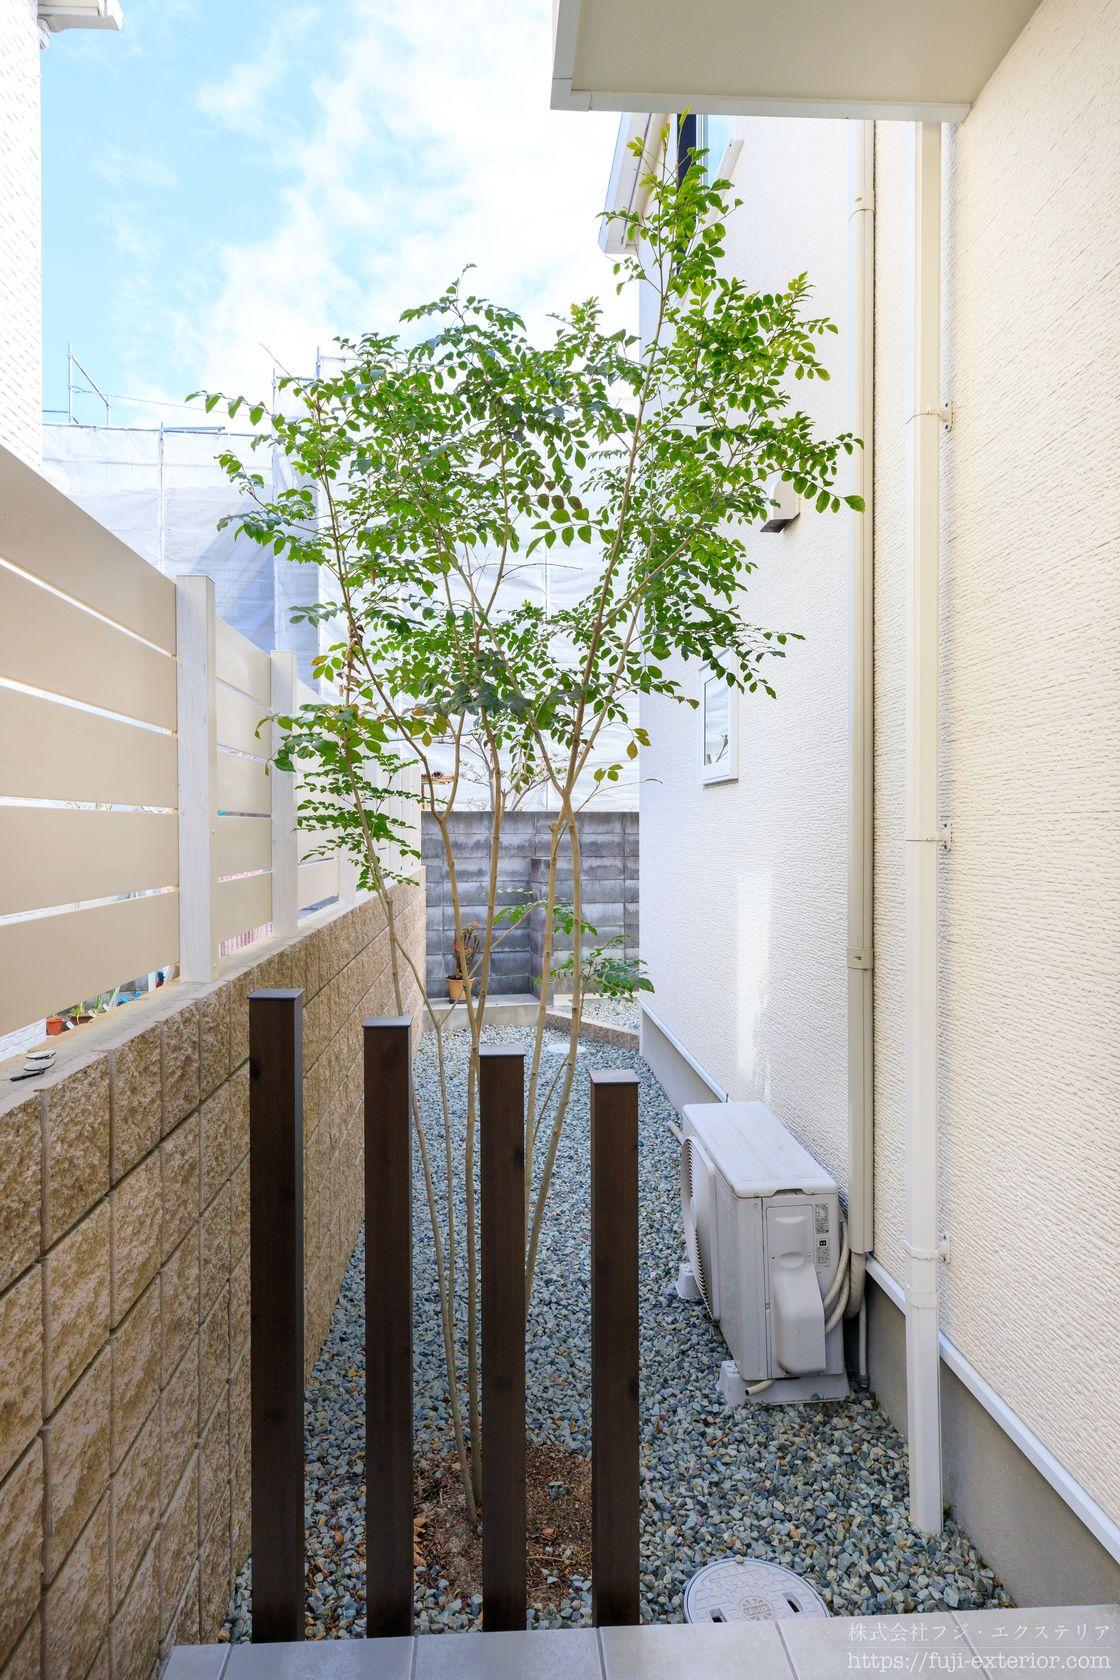 新築時に植樹した裏庭のシマトネリコは剪定してすっきりしました。1m位の高さだったのが、3年でなんと2.5m程に成長していました。生命力ってすごいと改めて感じました。